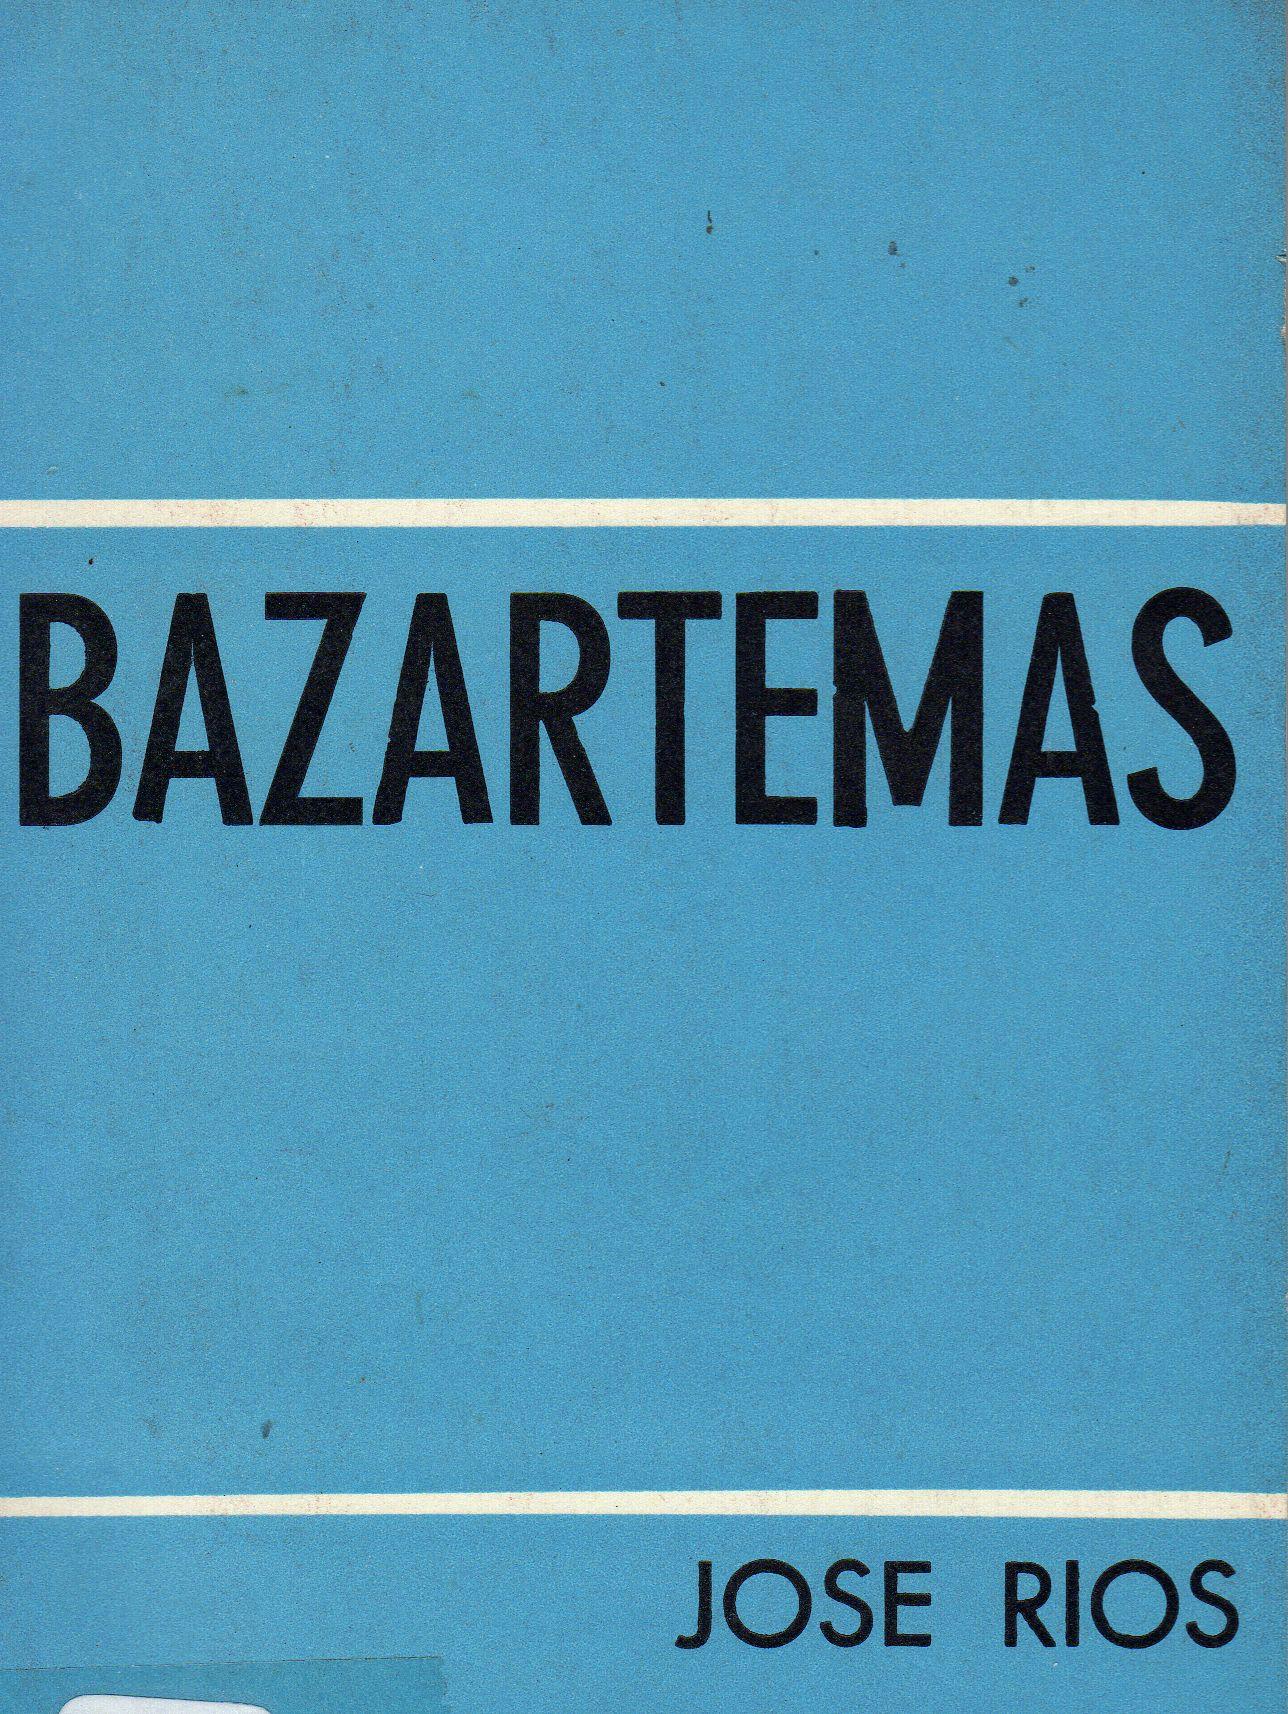 Bazatemas